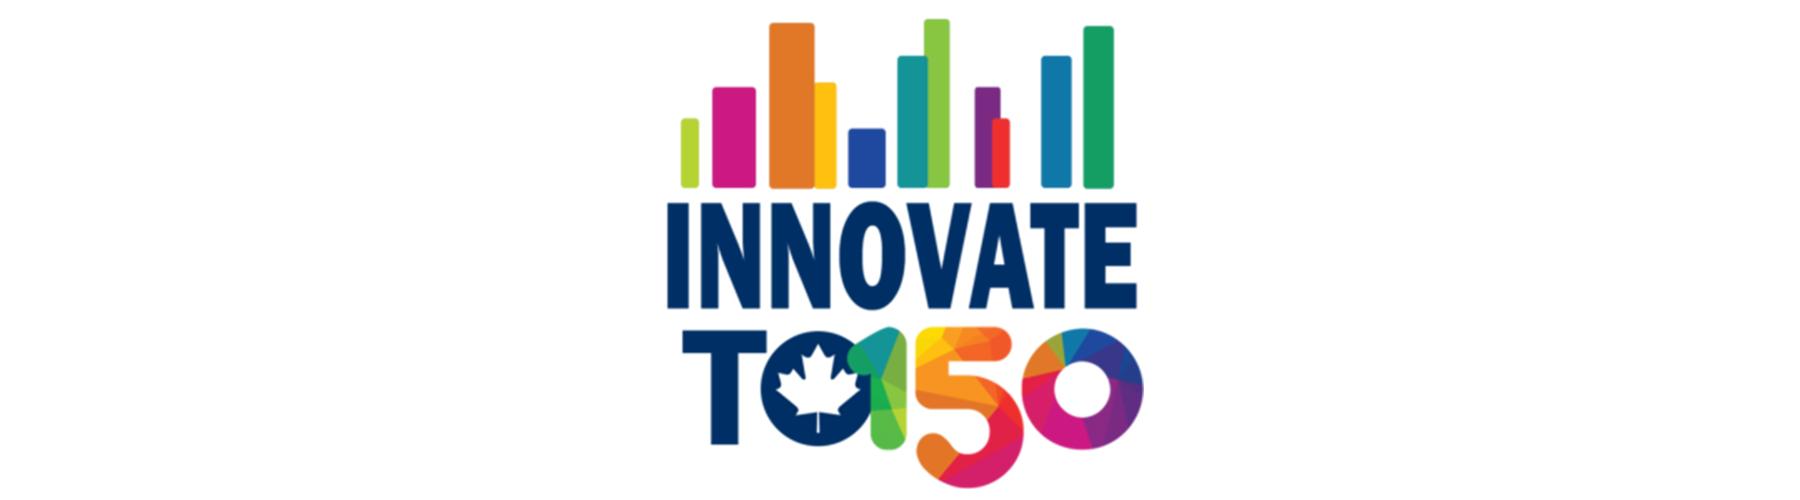 InnovateTO150 web